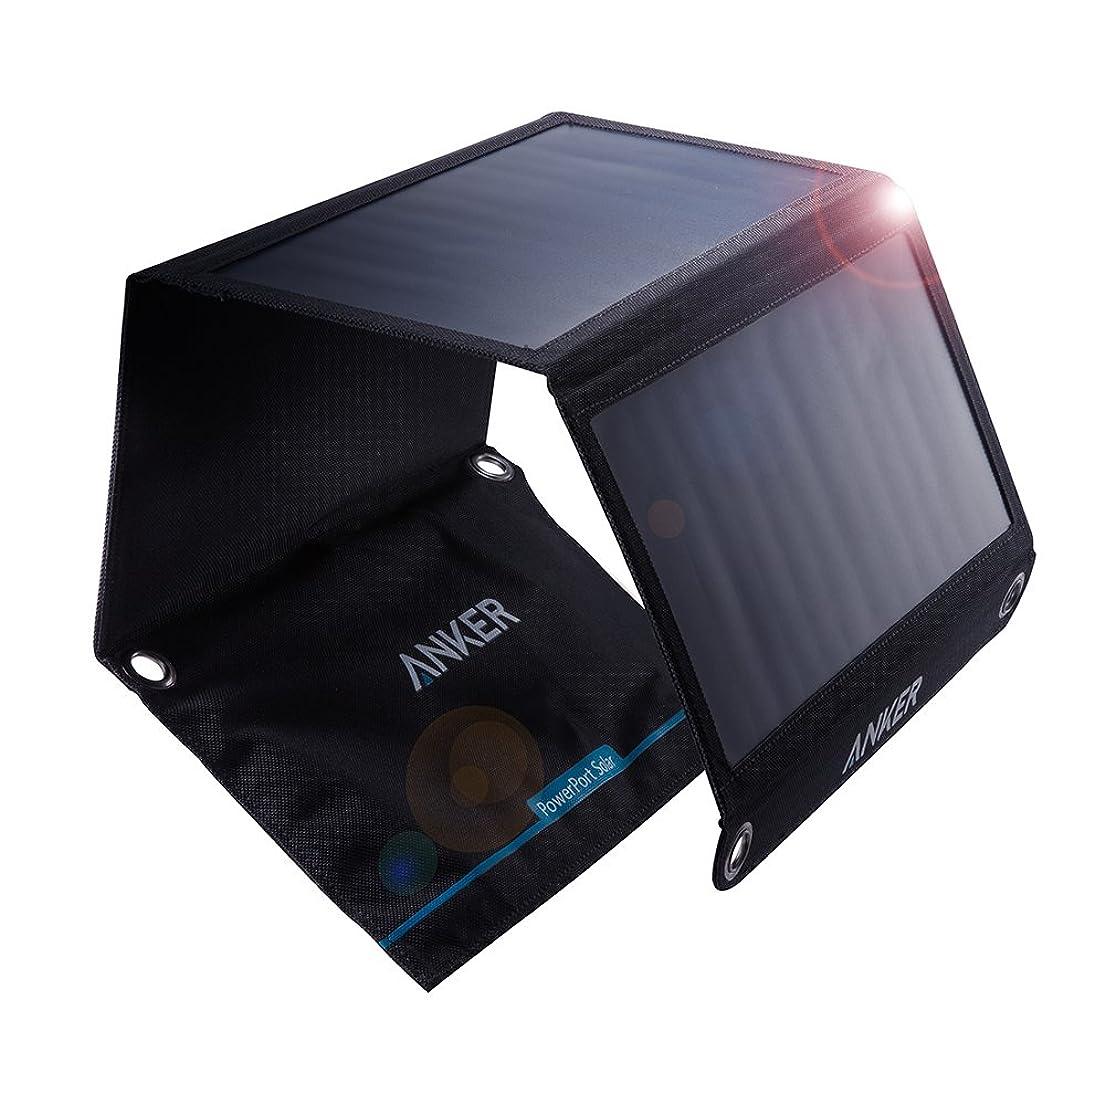 さておきクレジットサイレンRAVPower カーチャージャー シガーソケット USB 車載充電器 【2ポート/24W/12V?24V車/急速充電】 iPhone/iPad/Android/IQOS 等対応 RP-VC006 ブラック